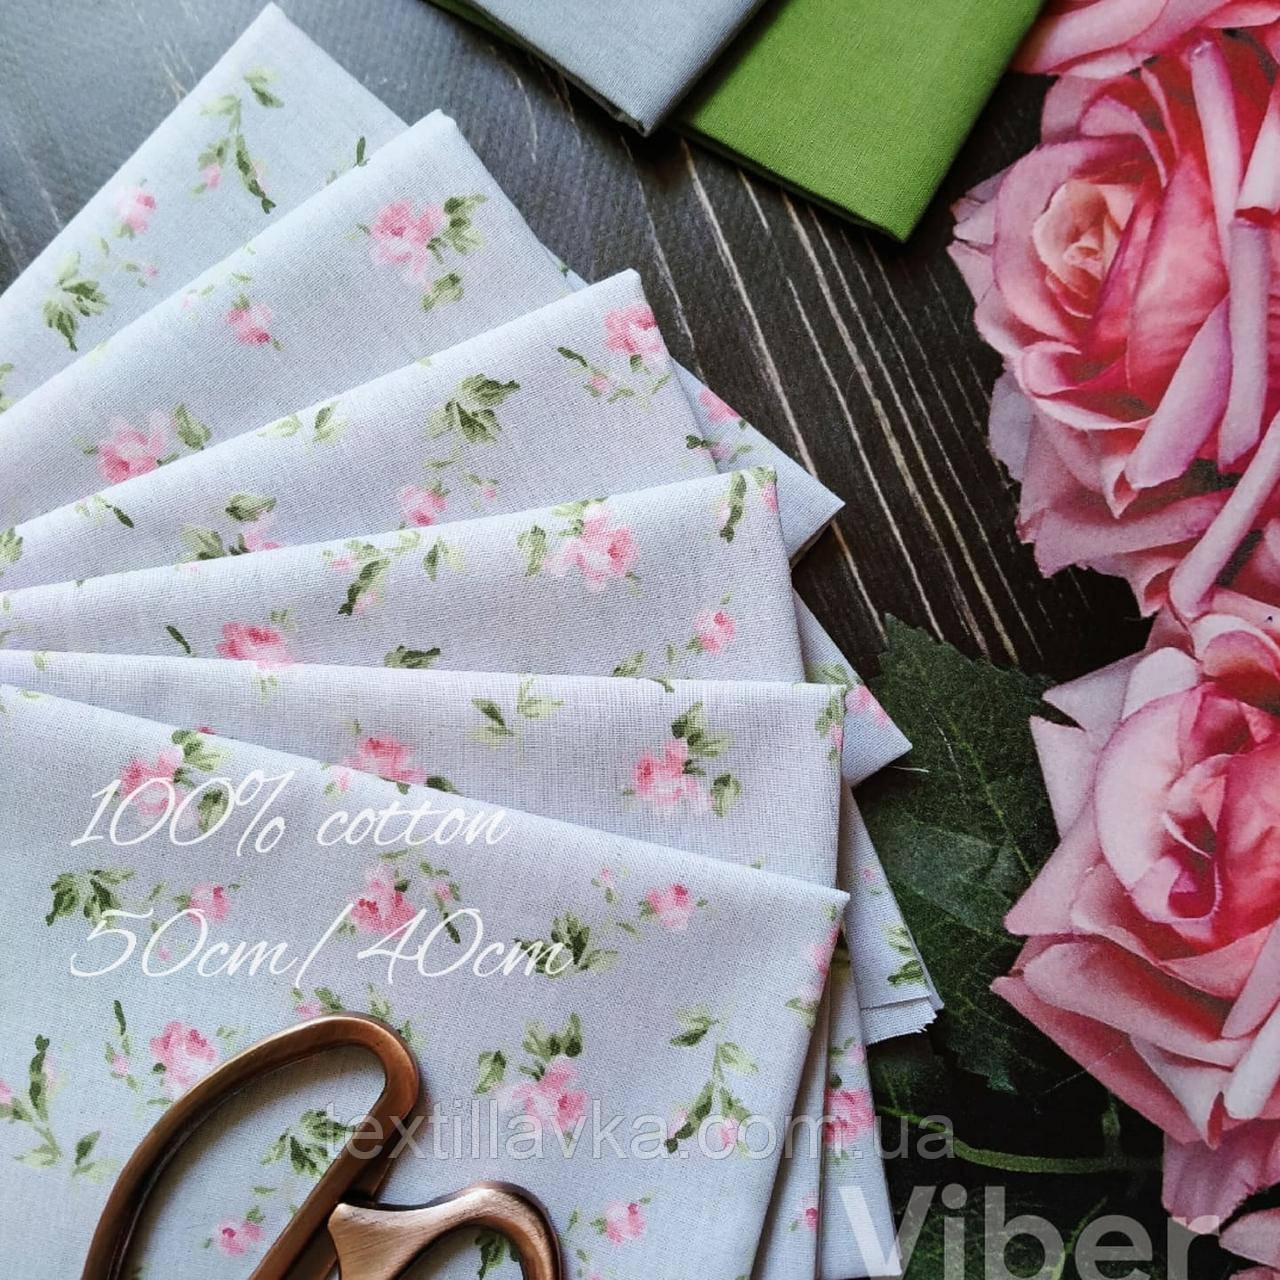 Тканина бавовна вінтажні трояндочки на сірому тлі